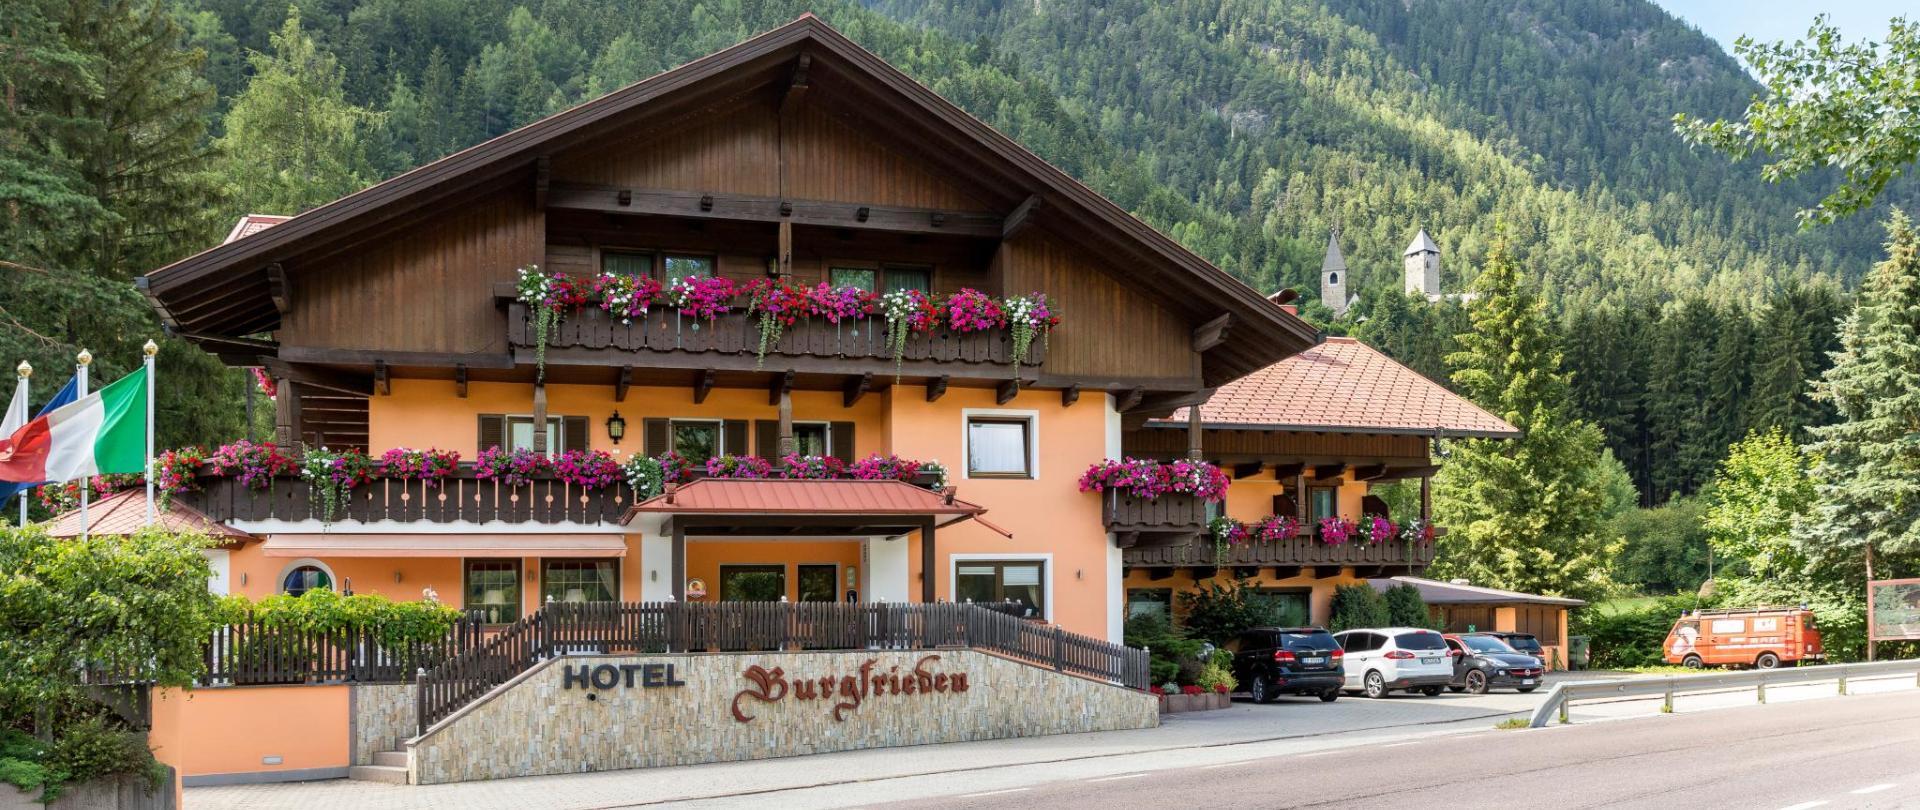 Hotel_Burgfrieden_EL_3.jpg